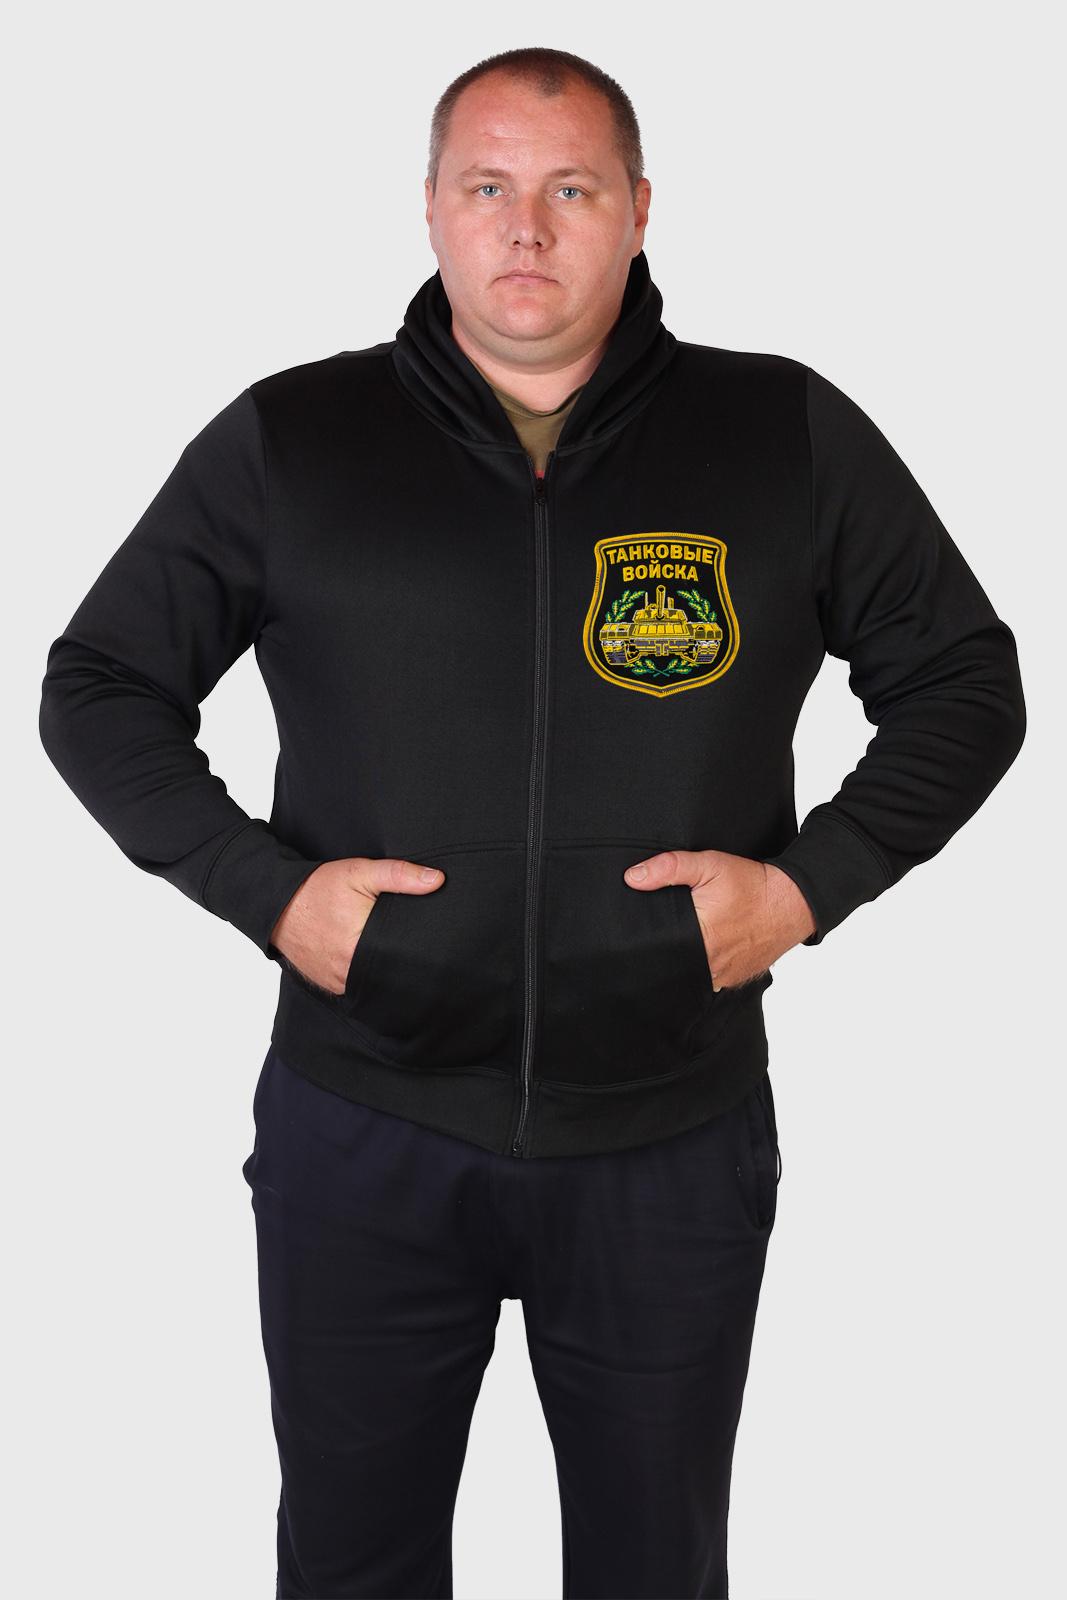 Купить мужскую толстовку на подарок танкисту